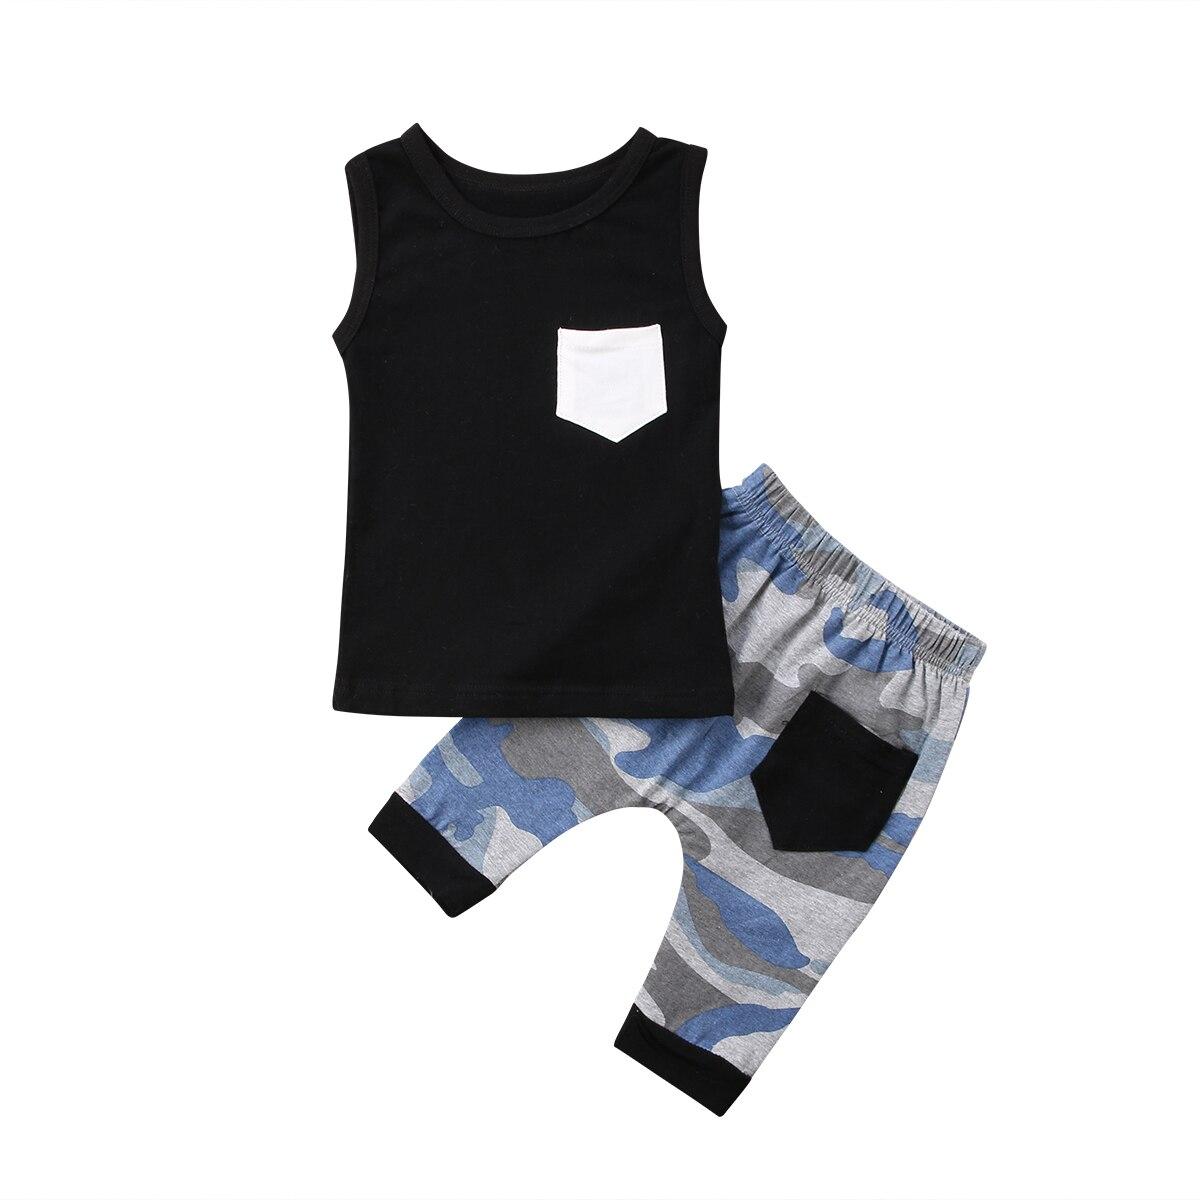 Для Новорожденных Для маленьких мальчиков девочек черный жилет топы Camo шорты с карманом 2018 летняя одежда нам